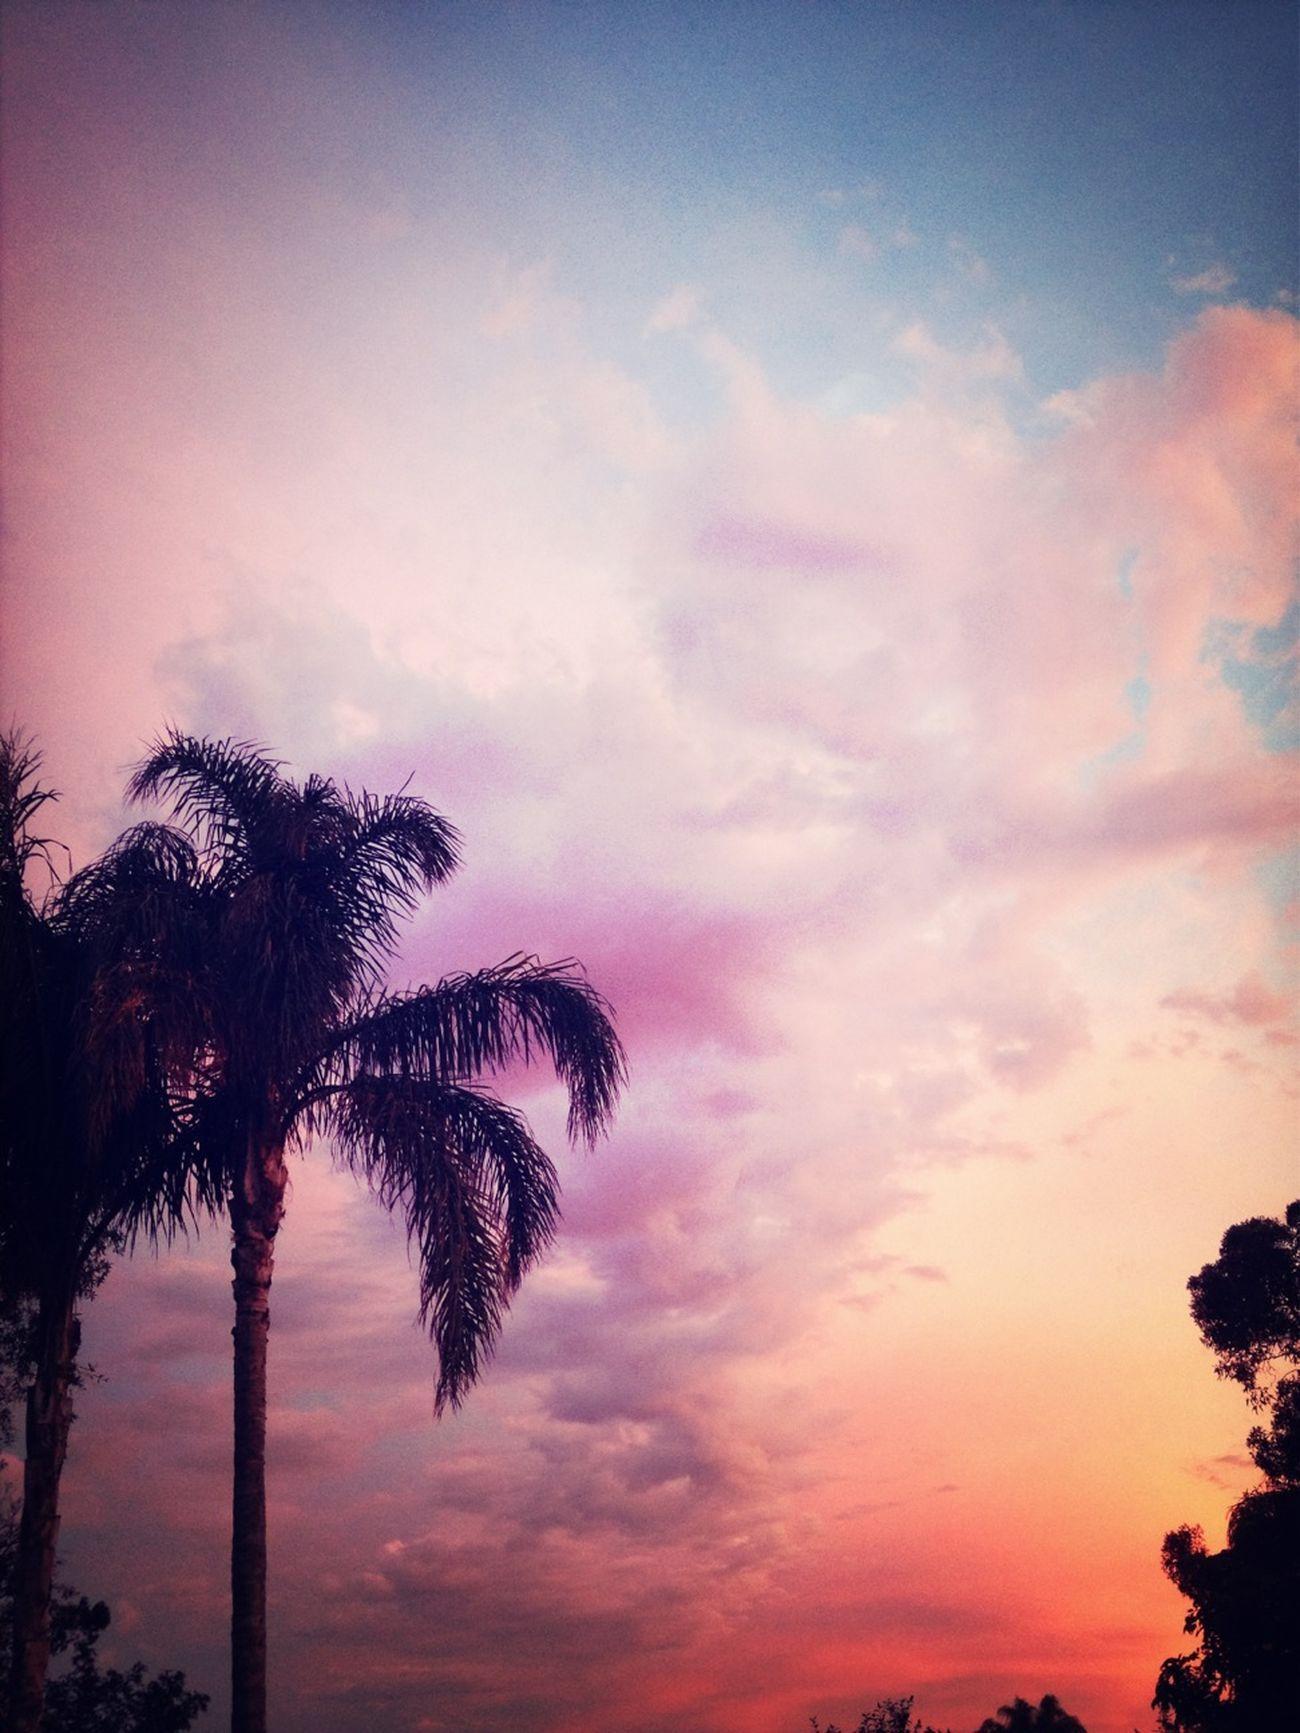 #amazingsunset